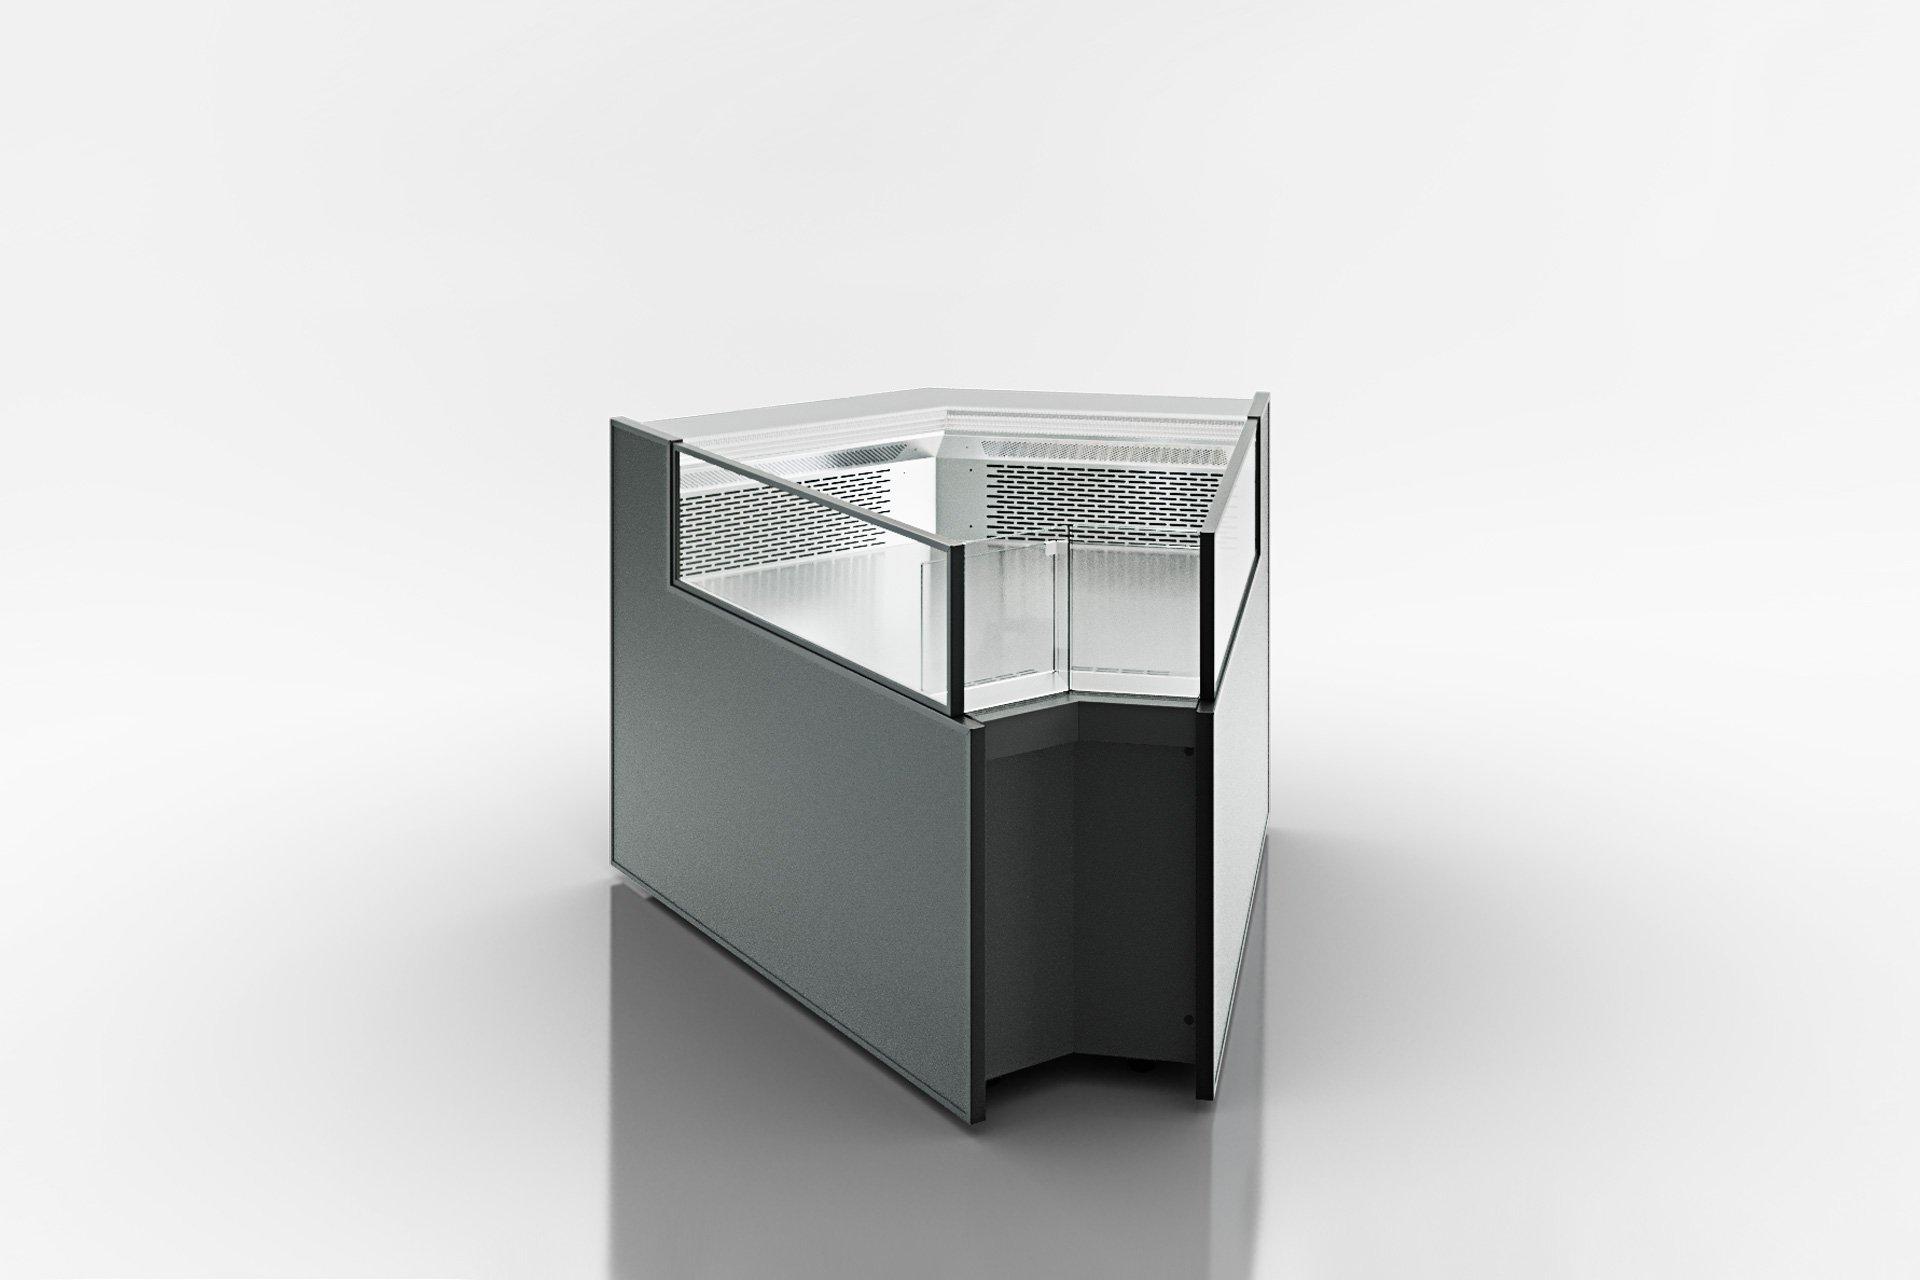 Кутові елементи холодильних вітрин Missouri MC 120 deli self 086-DLM-IS45